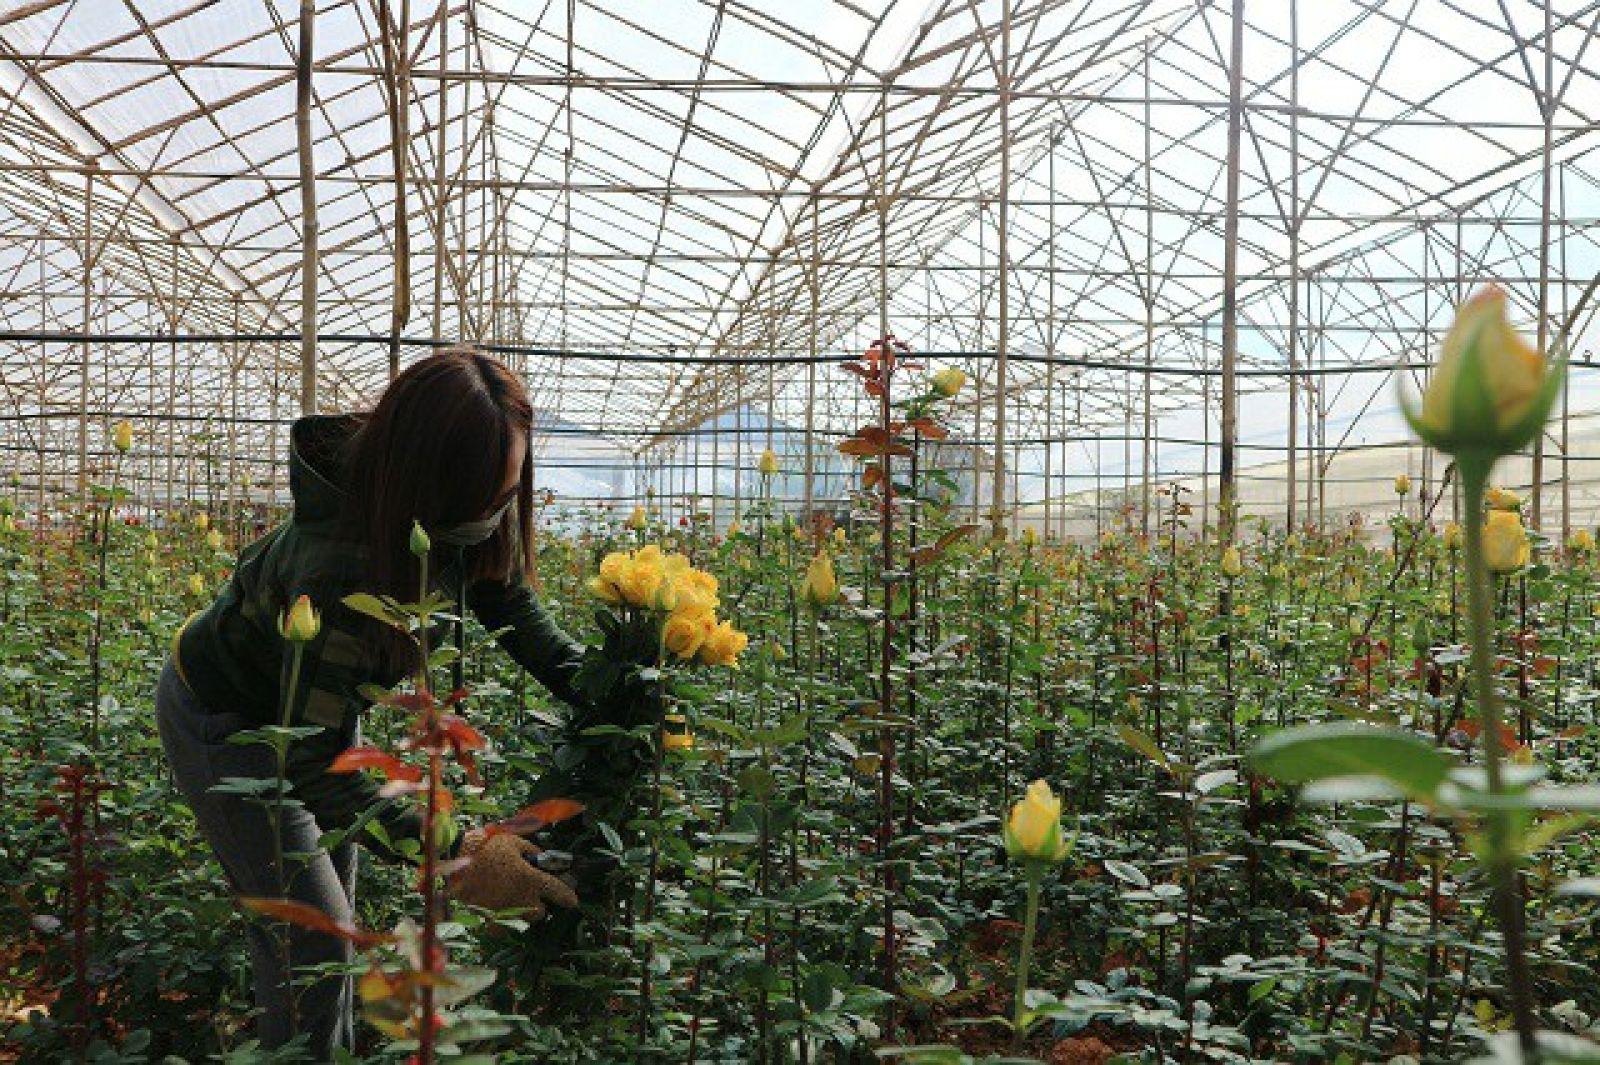 Công việc thu hoạch cũng như mua bán hoa hồng giáp ngày Quốc tế Phụ nữ 8/3 tại Lạc Dương trở nên nhộn nhịp.